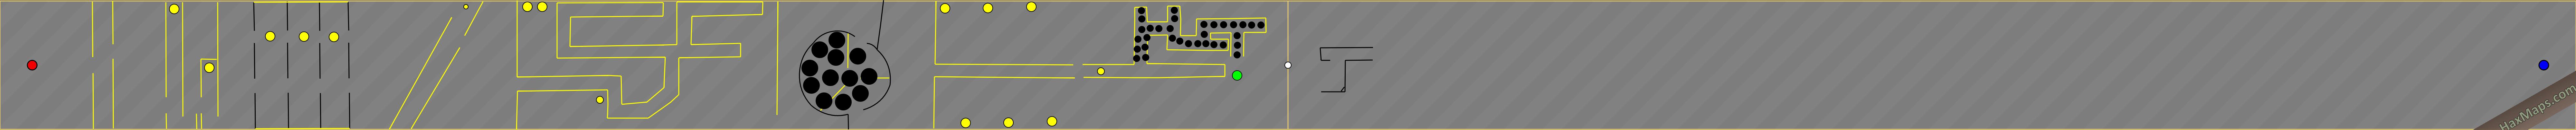 hax ball maps | 6man